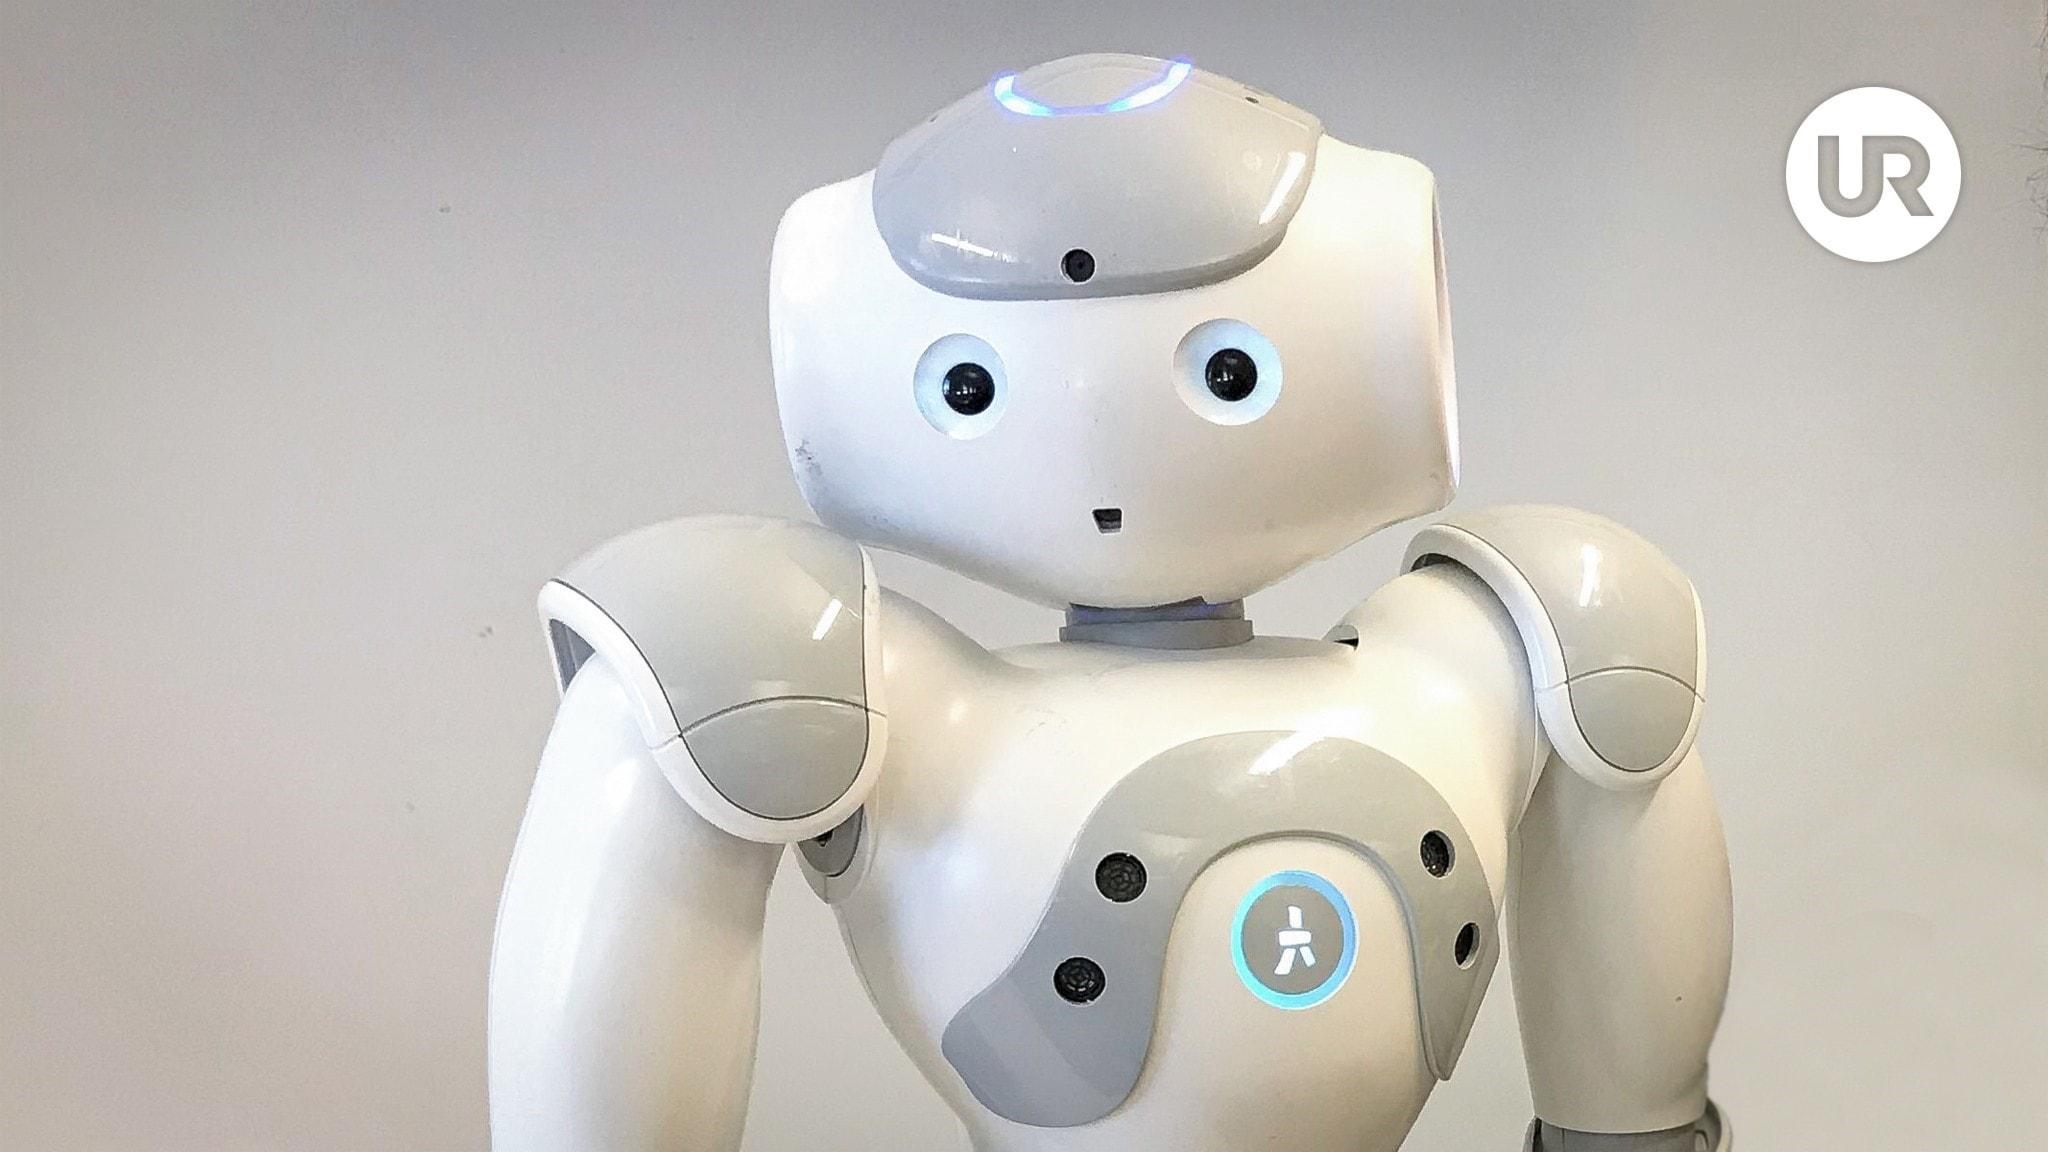 Skolministeriet: Vad har robotar för plats i skolan?